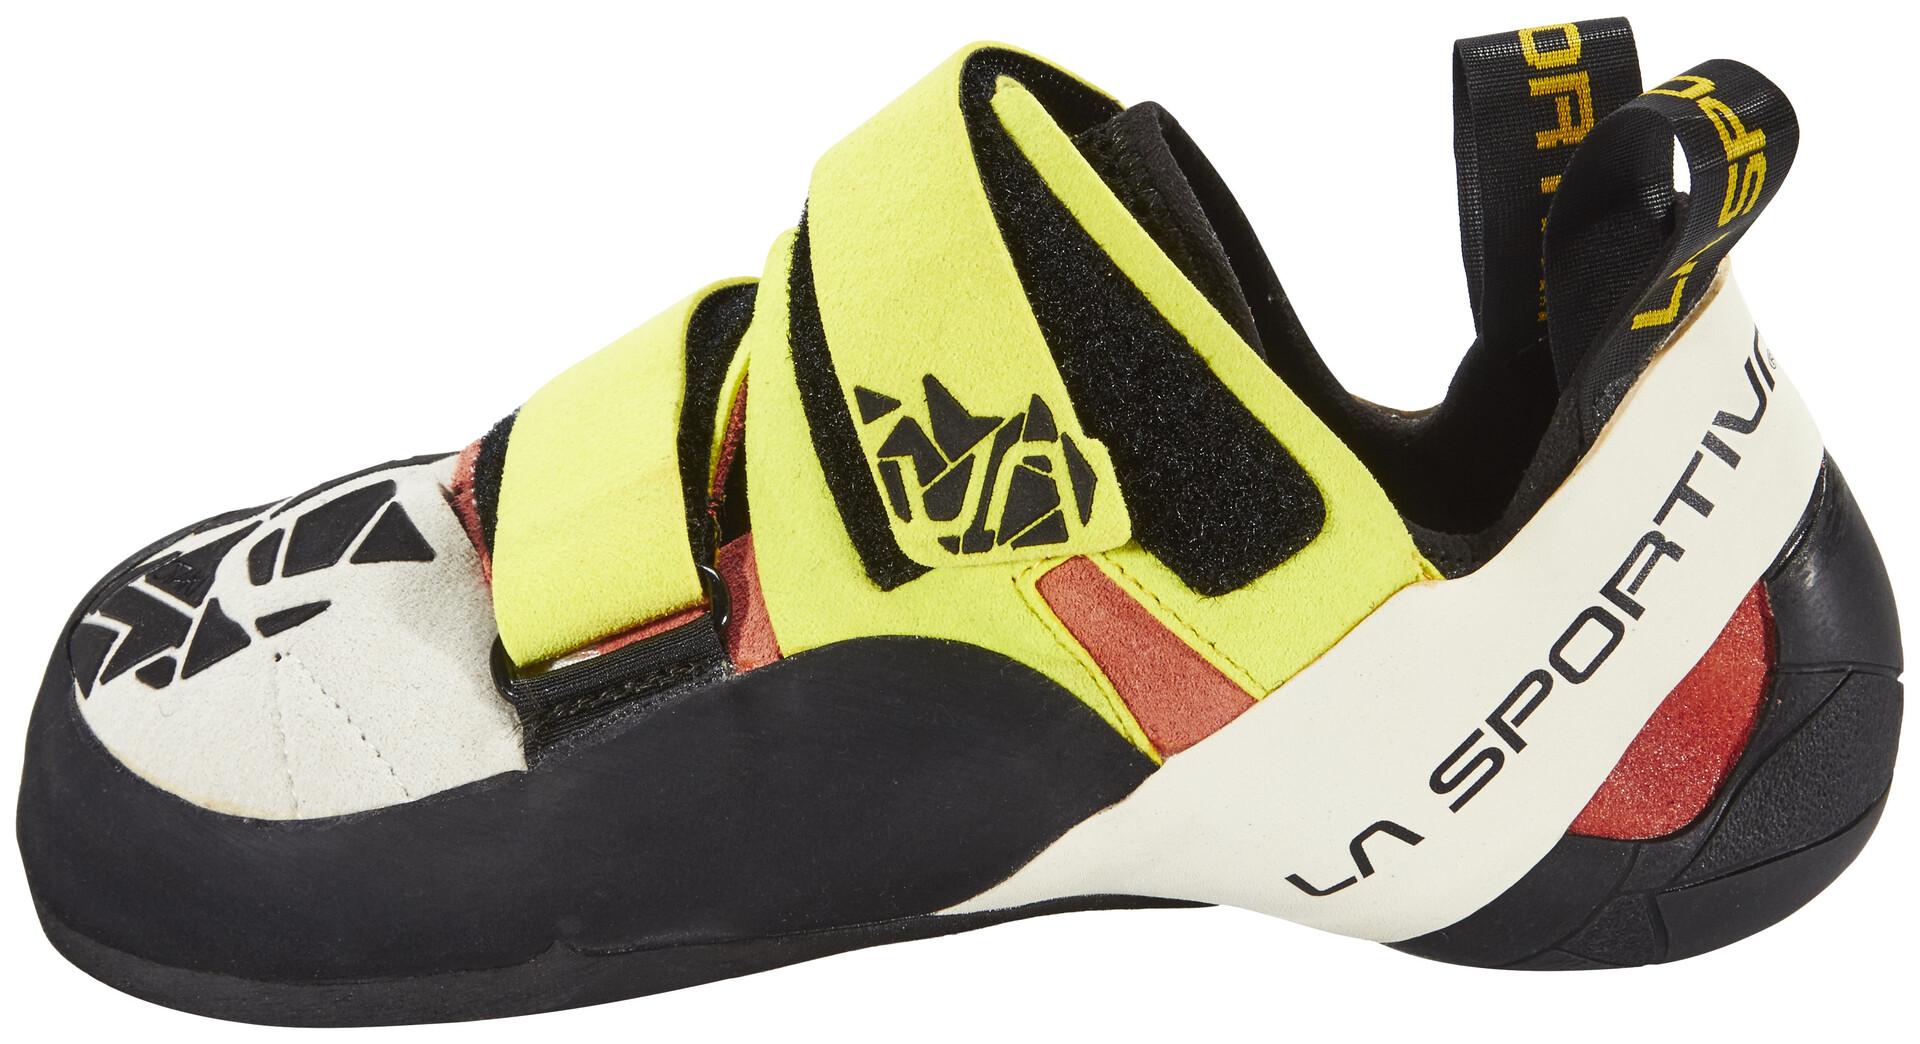 Shoes Damen Otaki La Sportiva Climbing Sulphurcoral OPn0wk